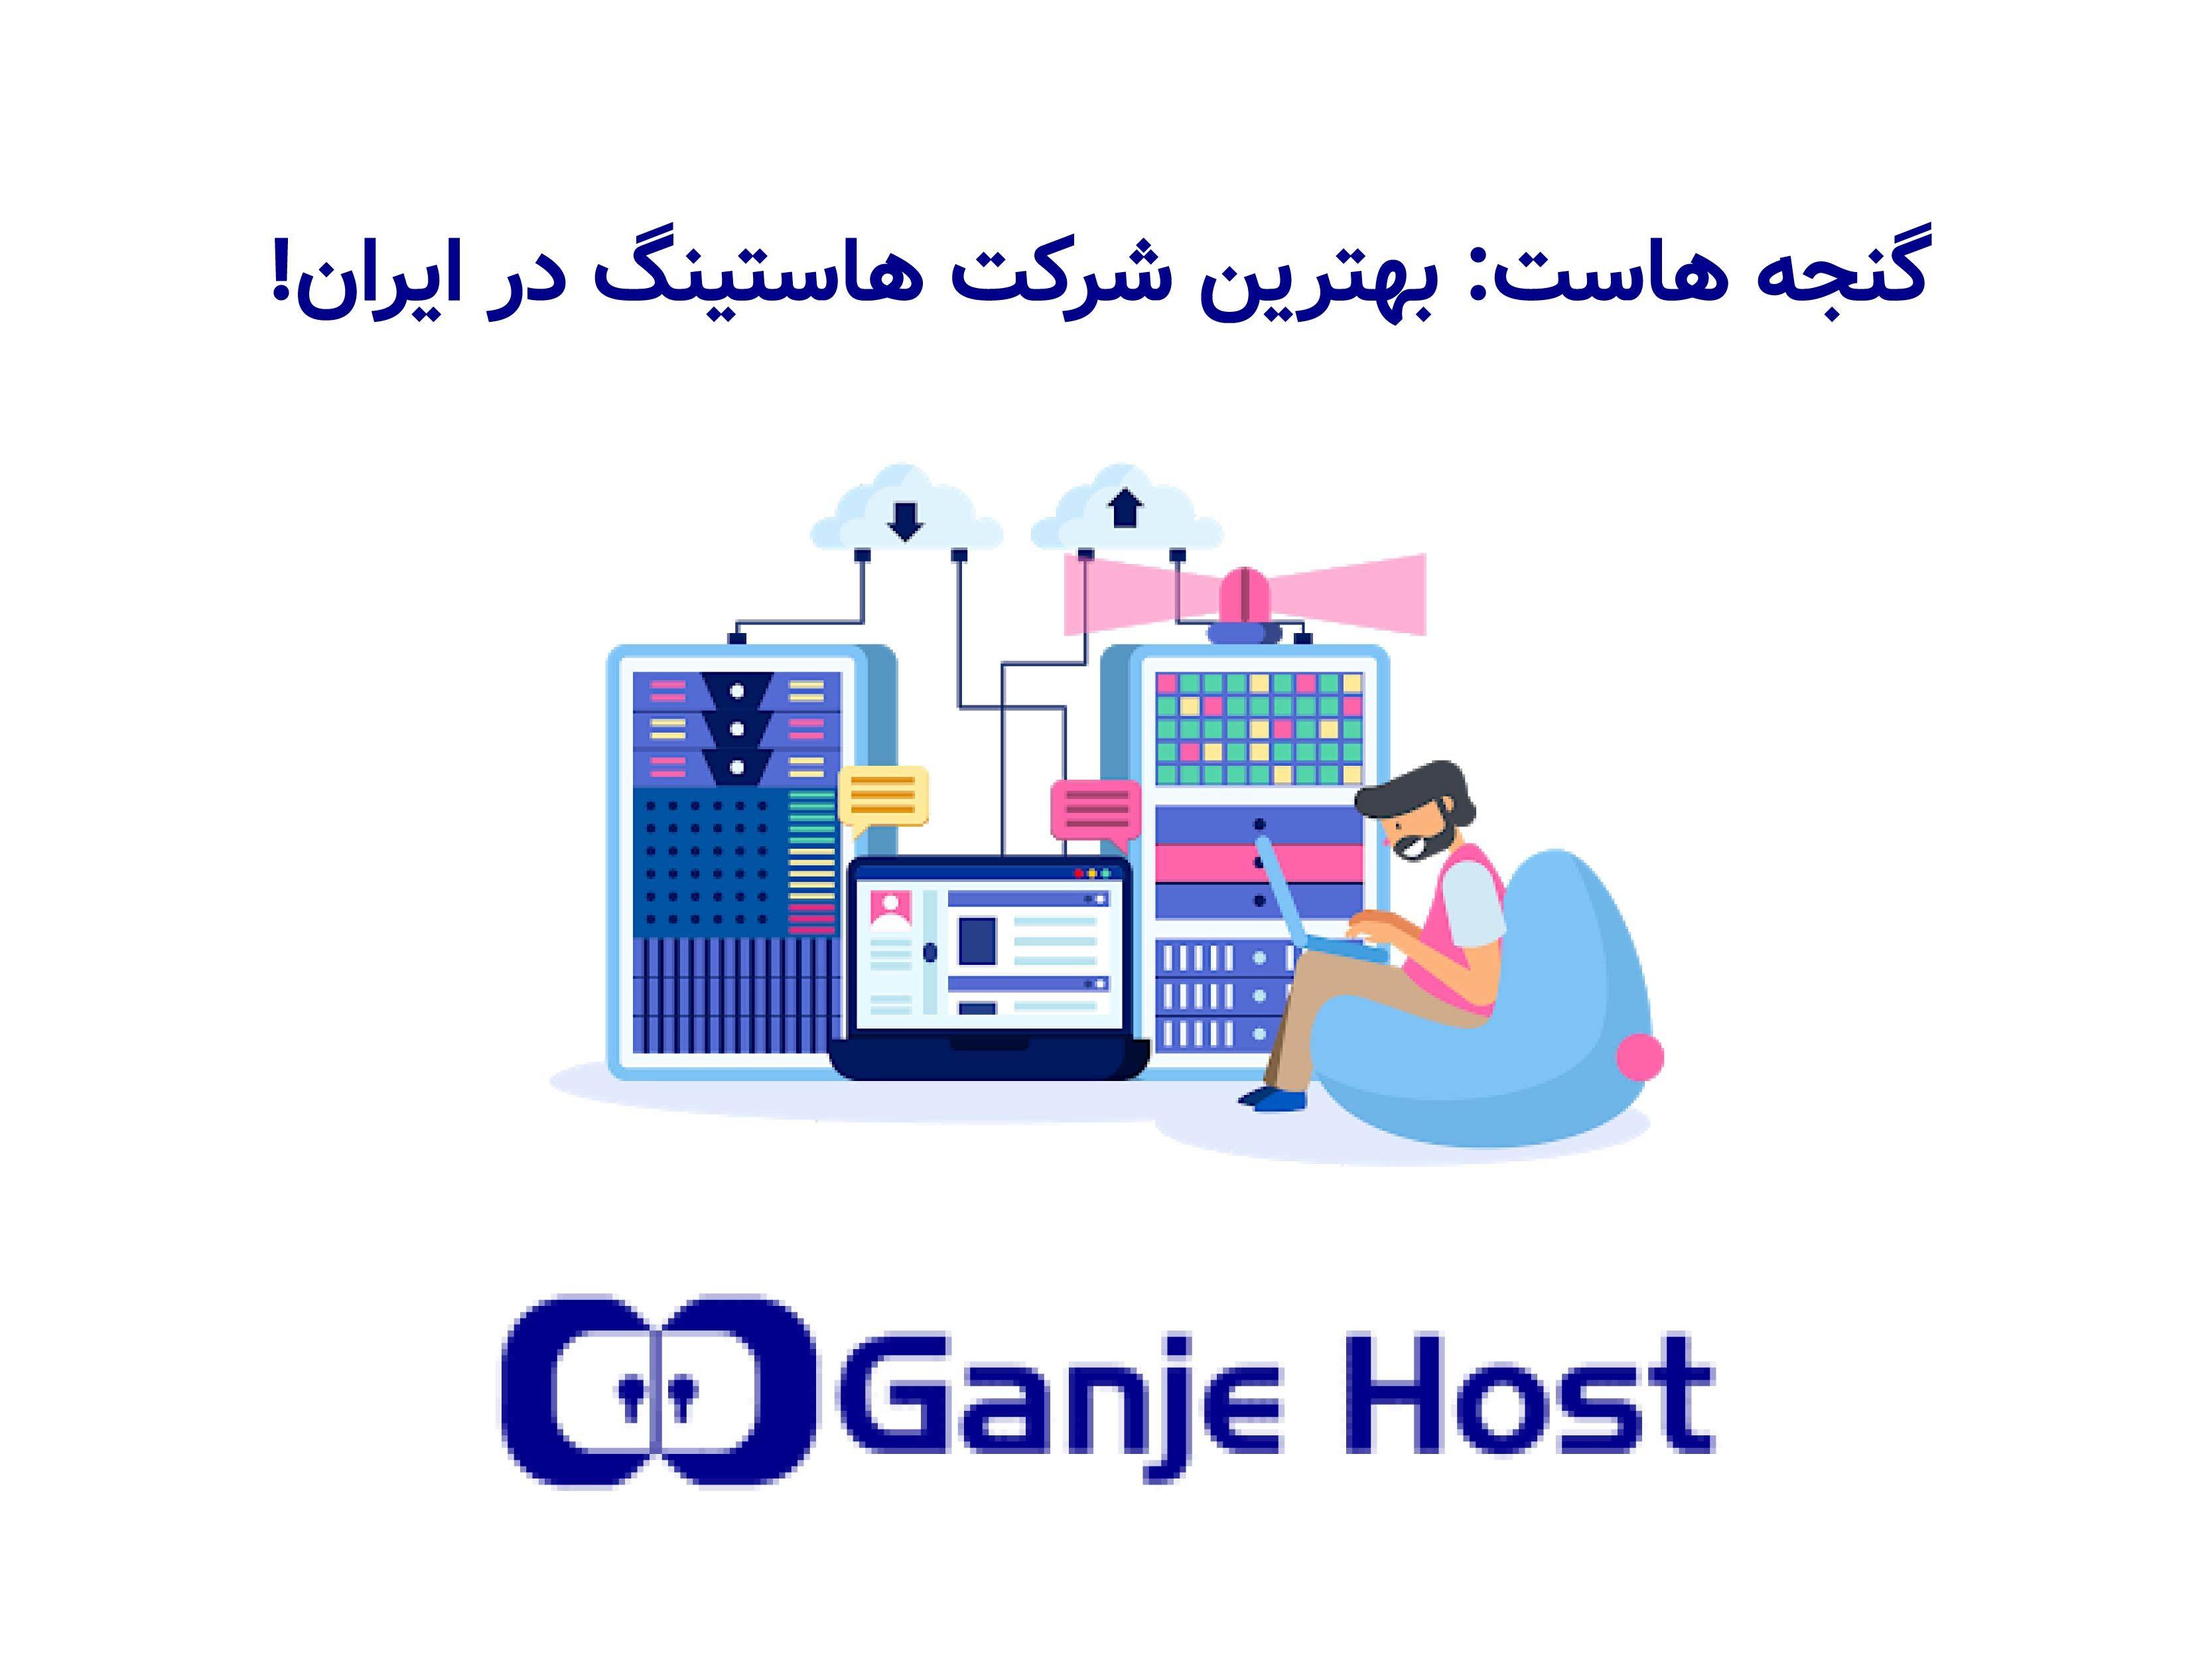 گنجه هاست: بهترین شرکت هاستینگ در ایران!